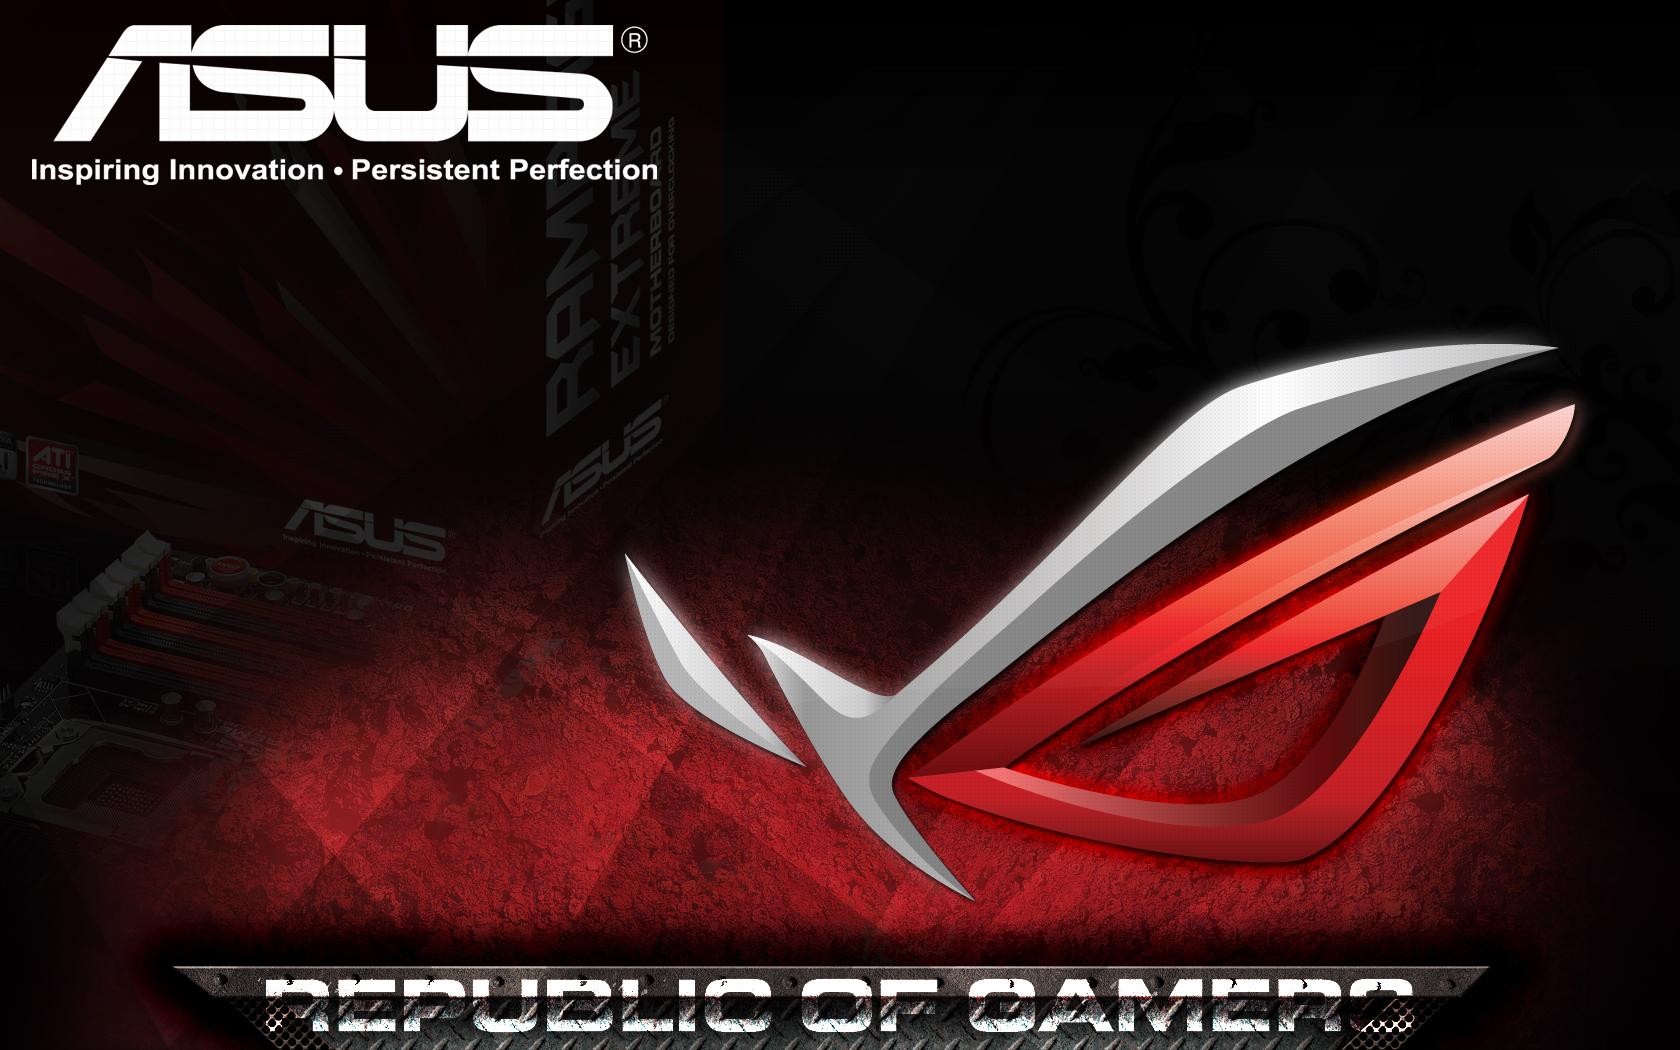 Asus   Republic of Gamers par Renega 1680x1050